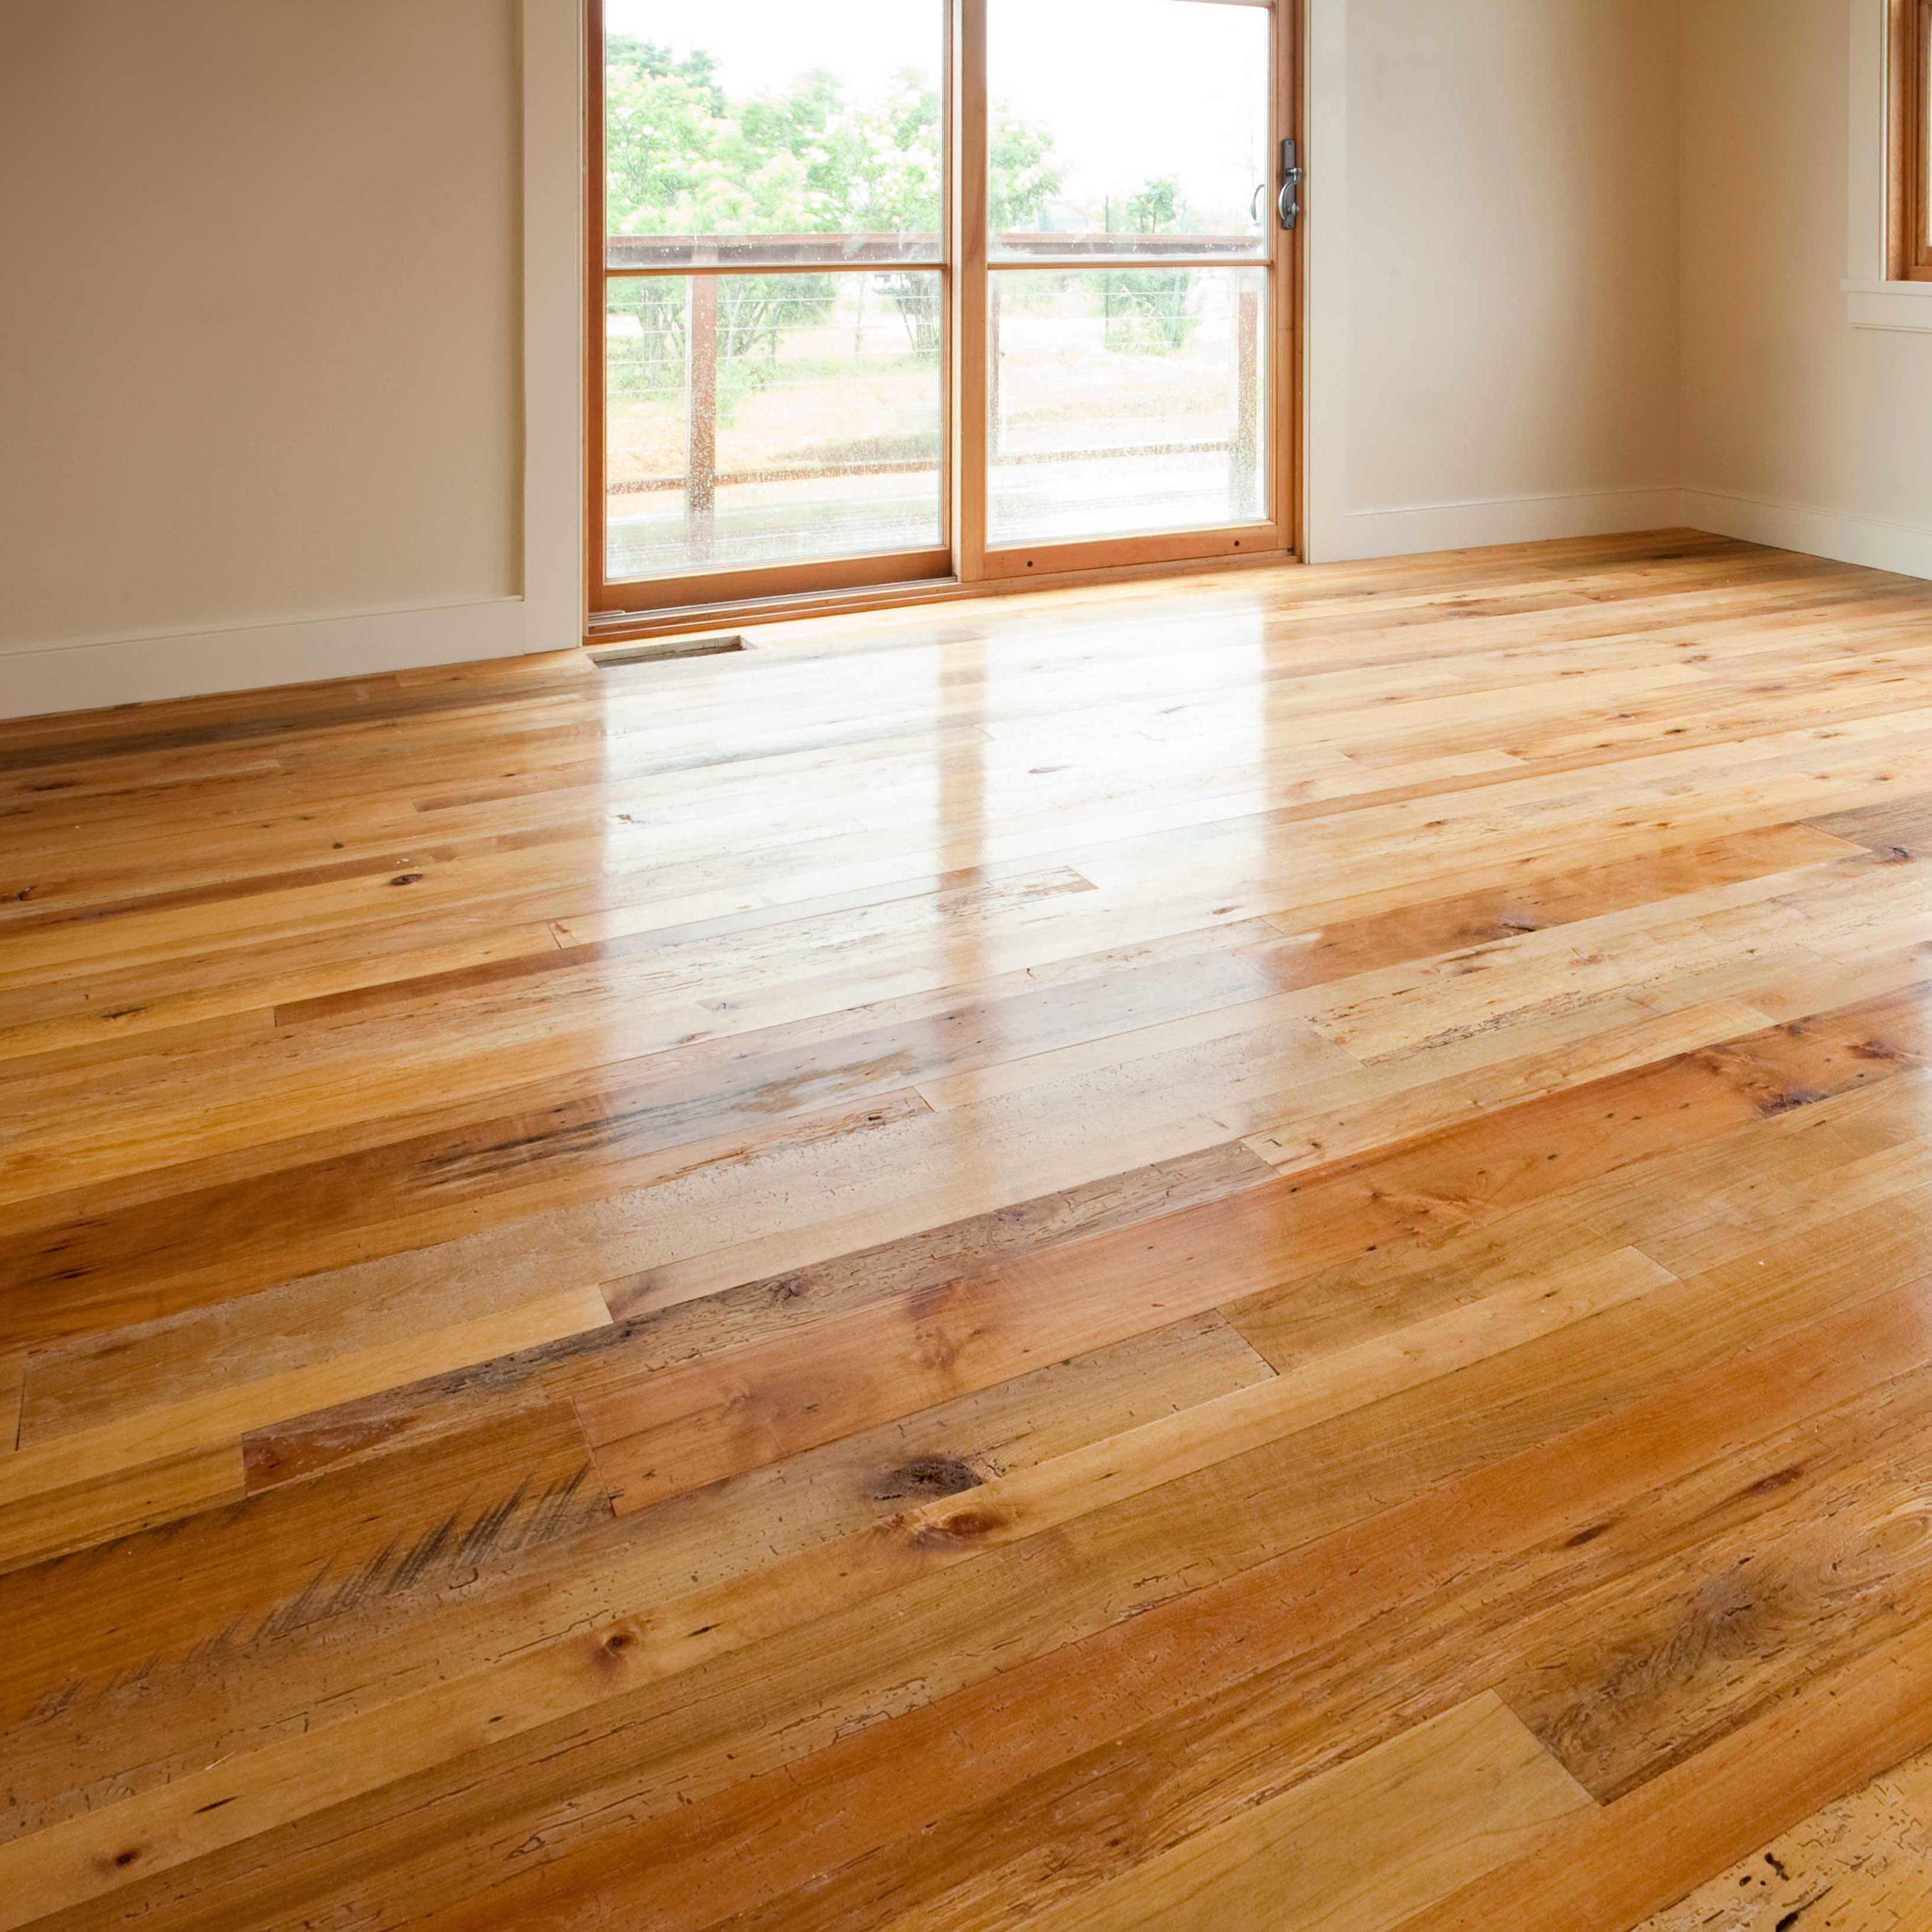 Longleaf lumber reclaimed resawn maple wood flooring for Reclaimed wood decking